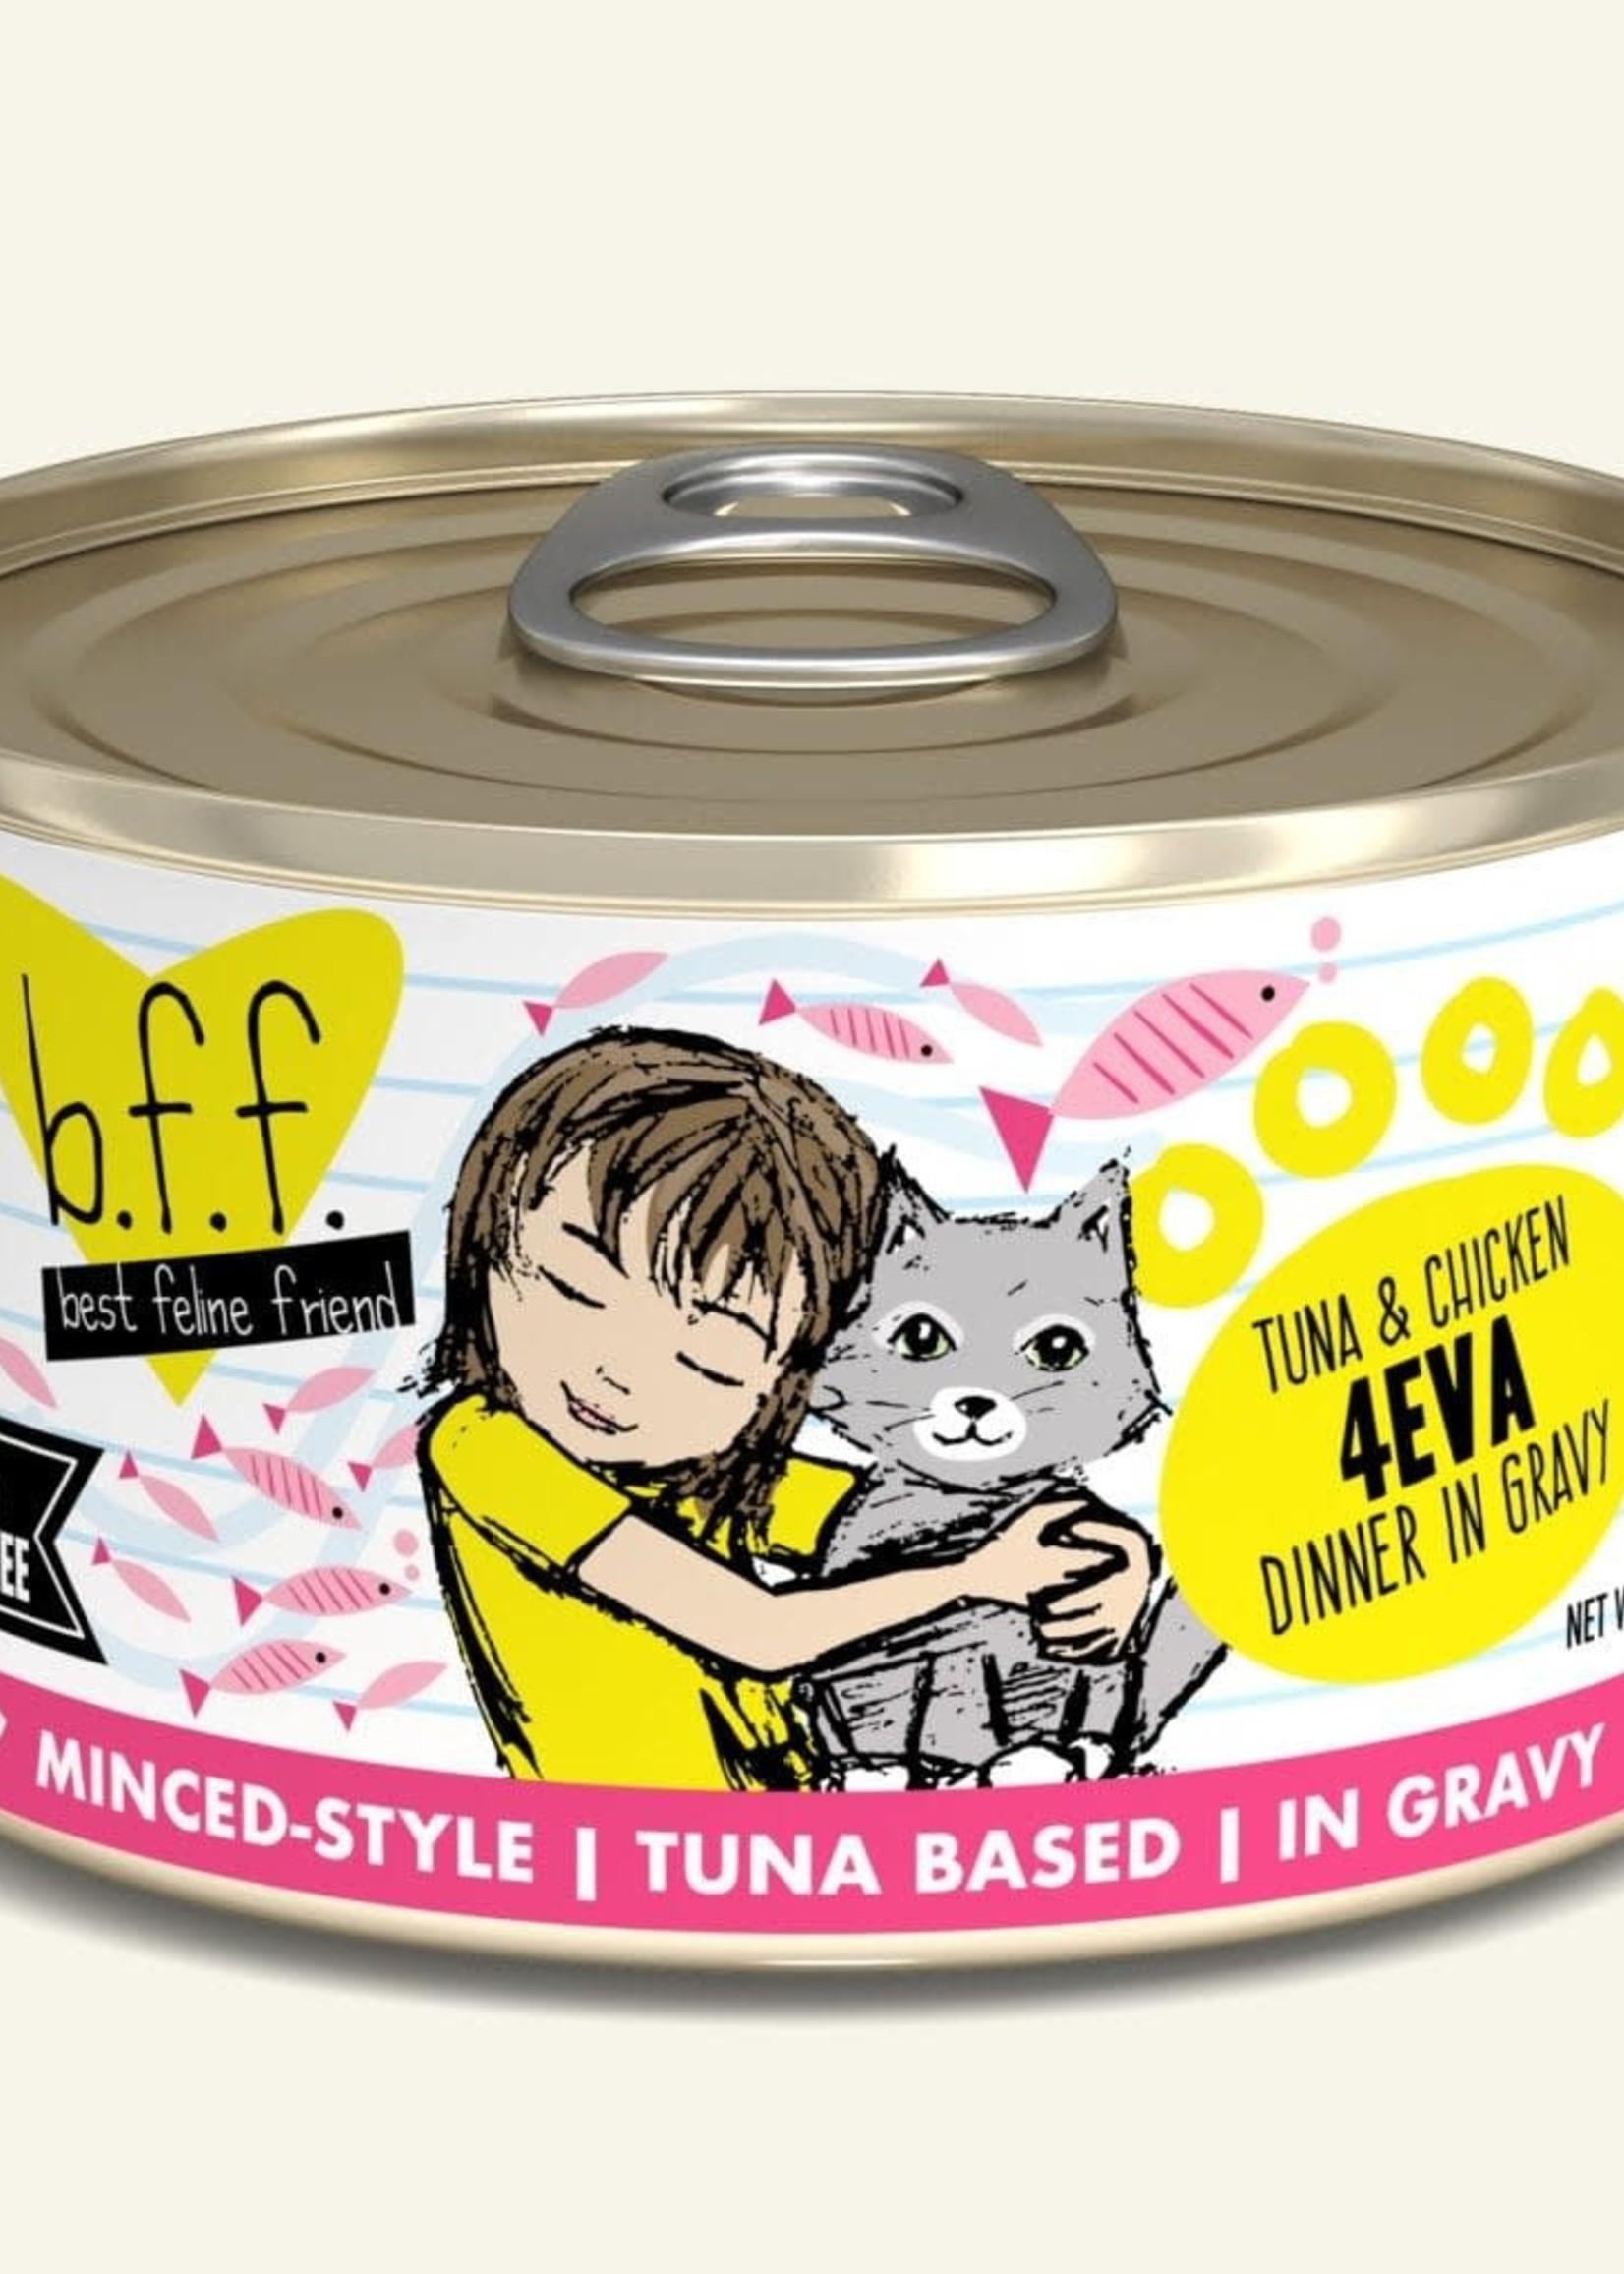 Weruva B.F.F. Tuna & Chicken 4Eva in Gravy 3oz